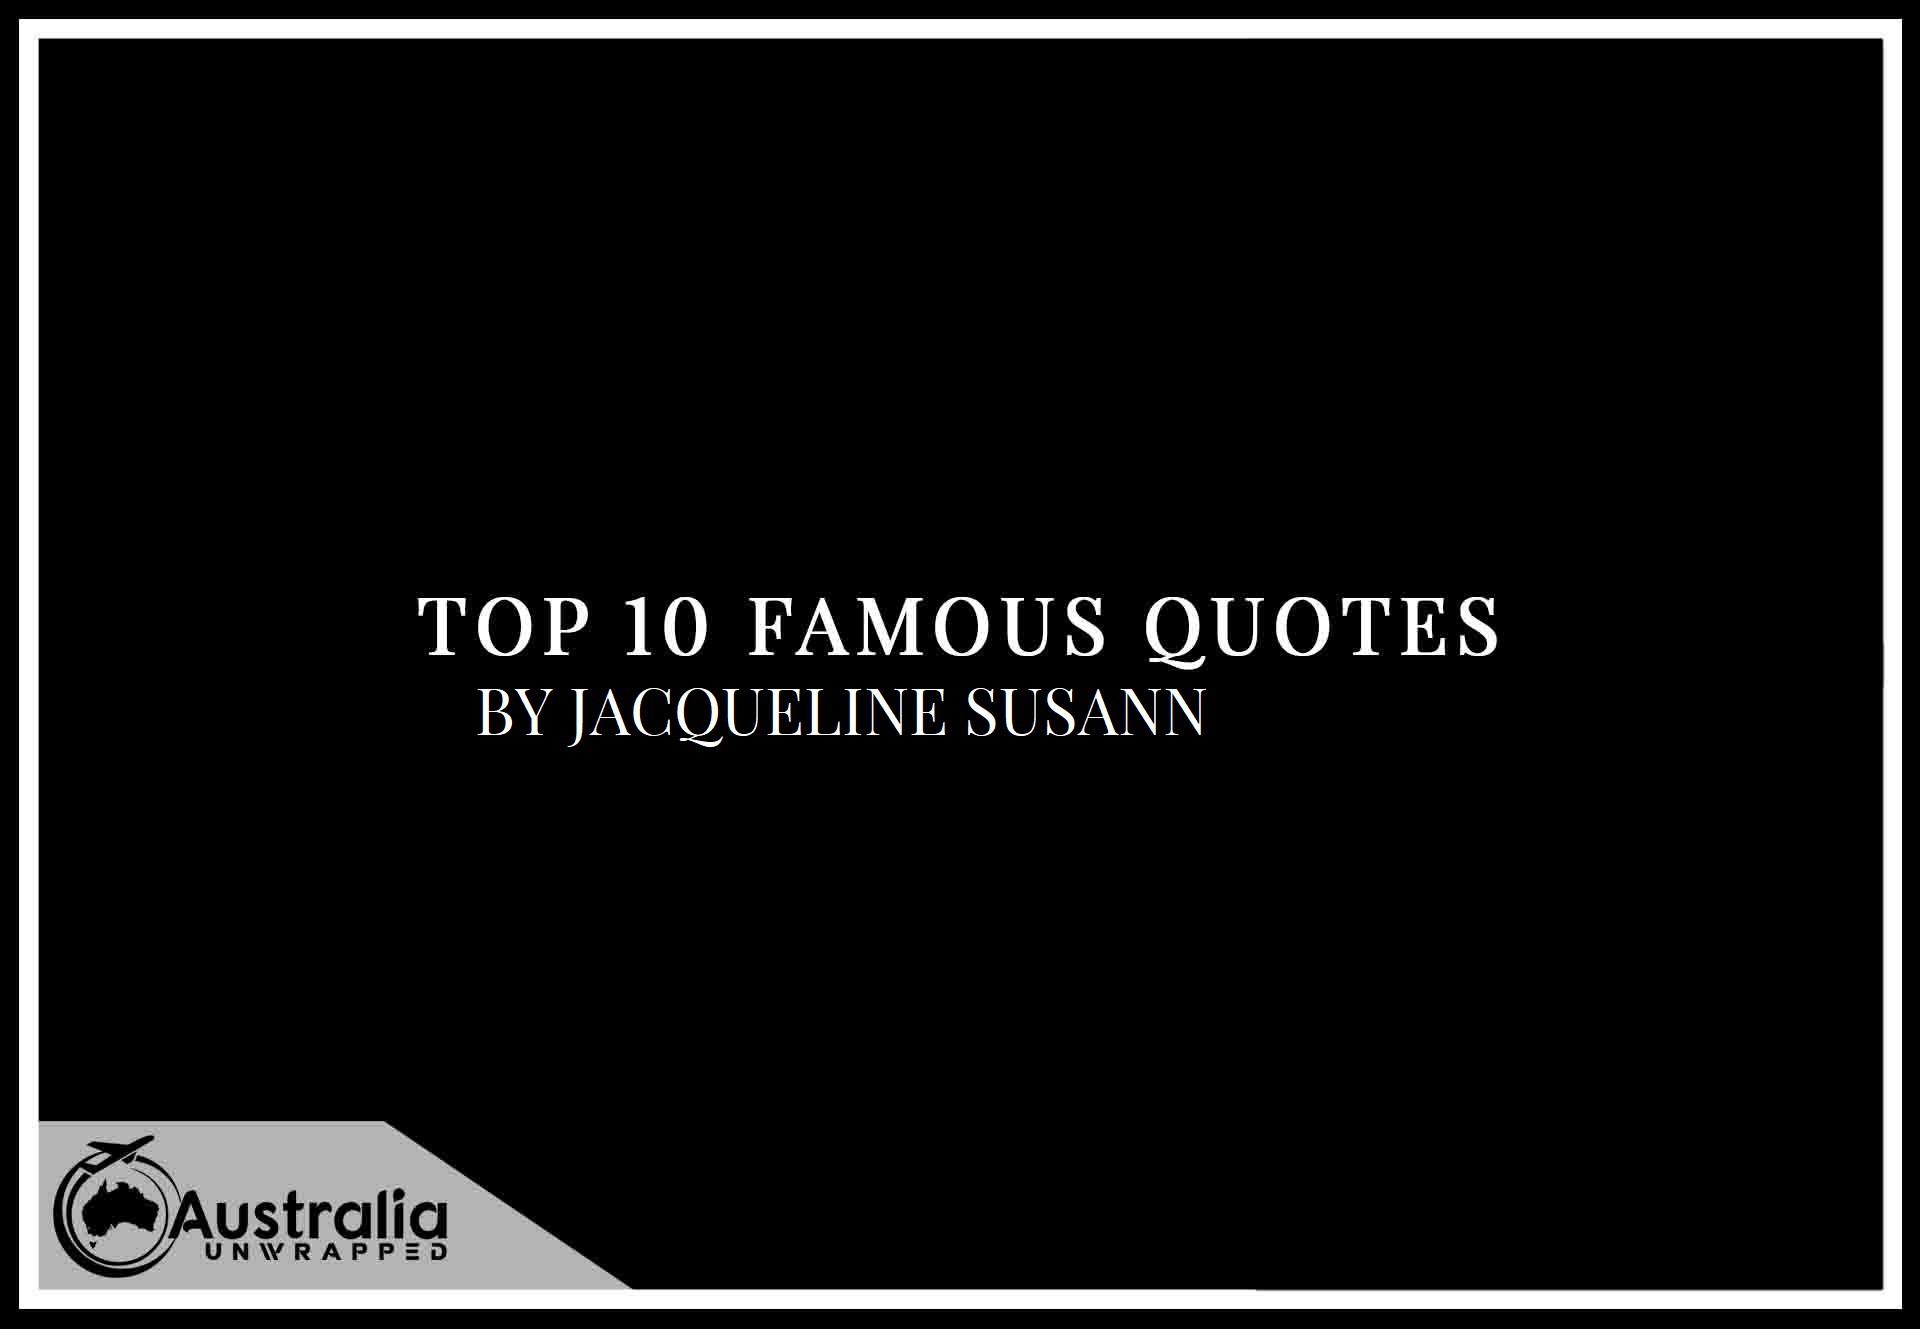 Top 10 Famous Quotes by Author Jacqueline Susann